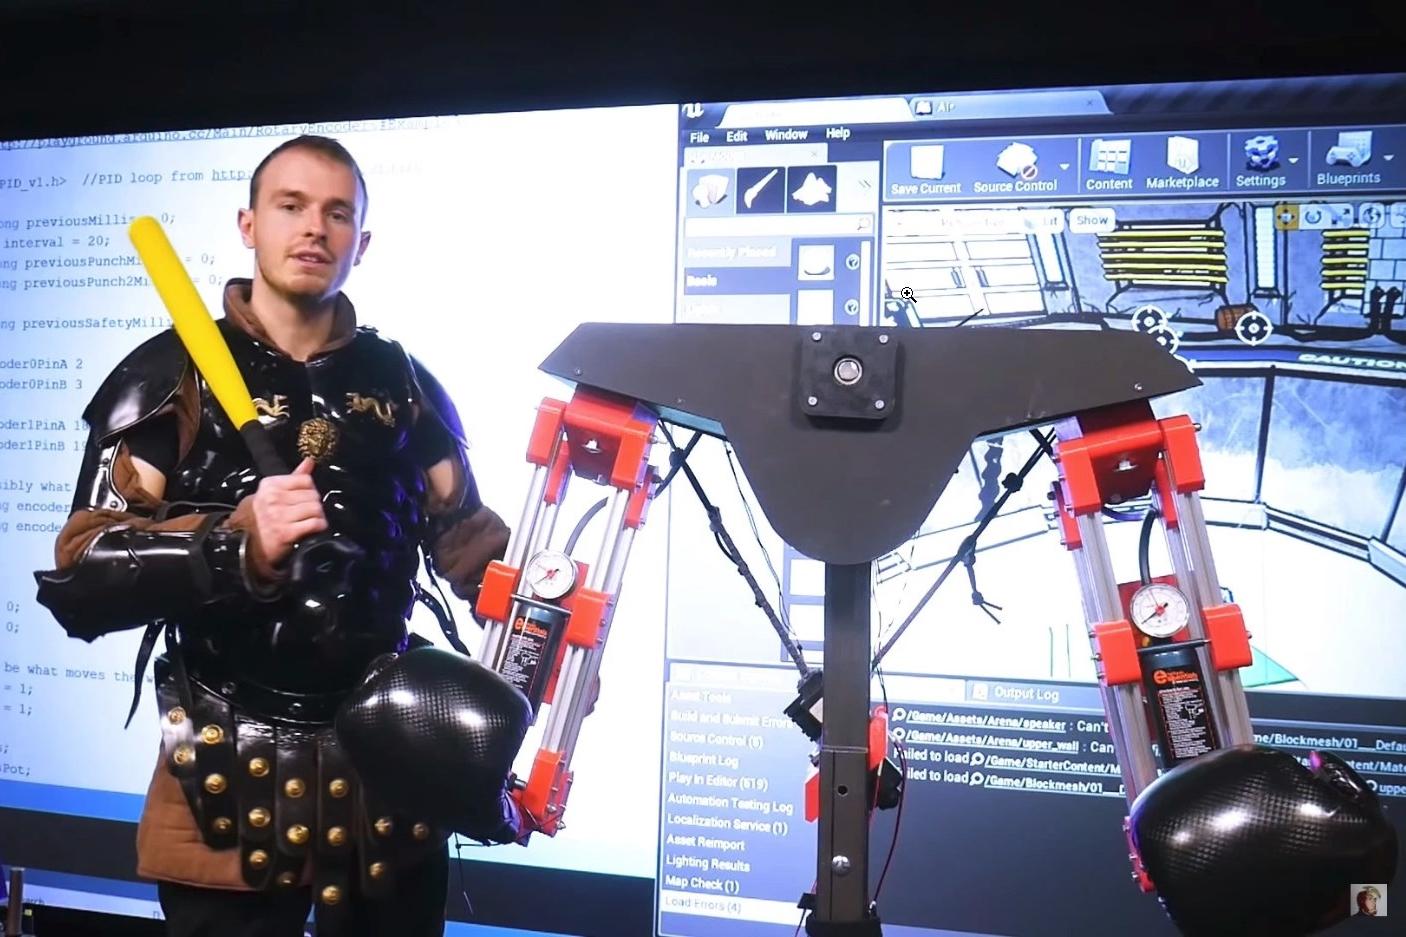 Imagem de Quer realidade? Então toma! Game em VR tem robô que bate em você de verdade no tecmundo